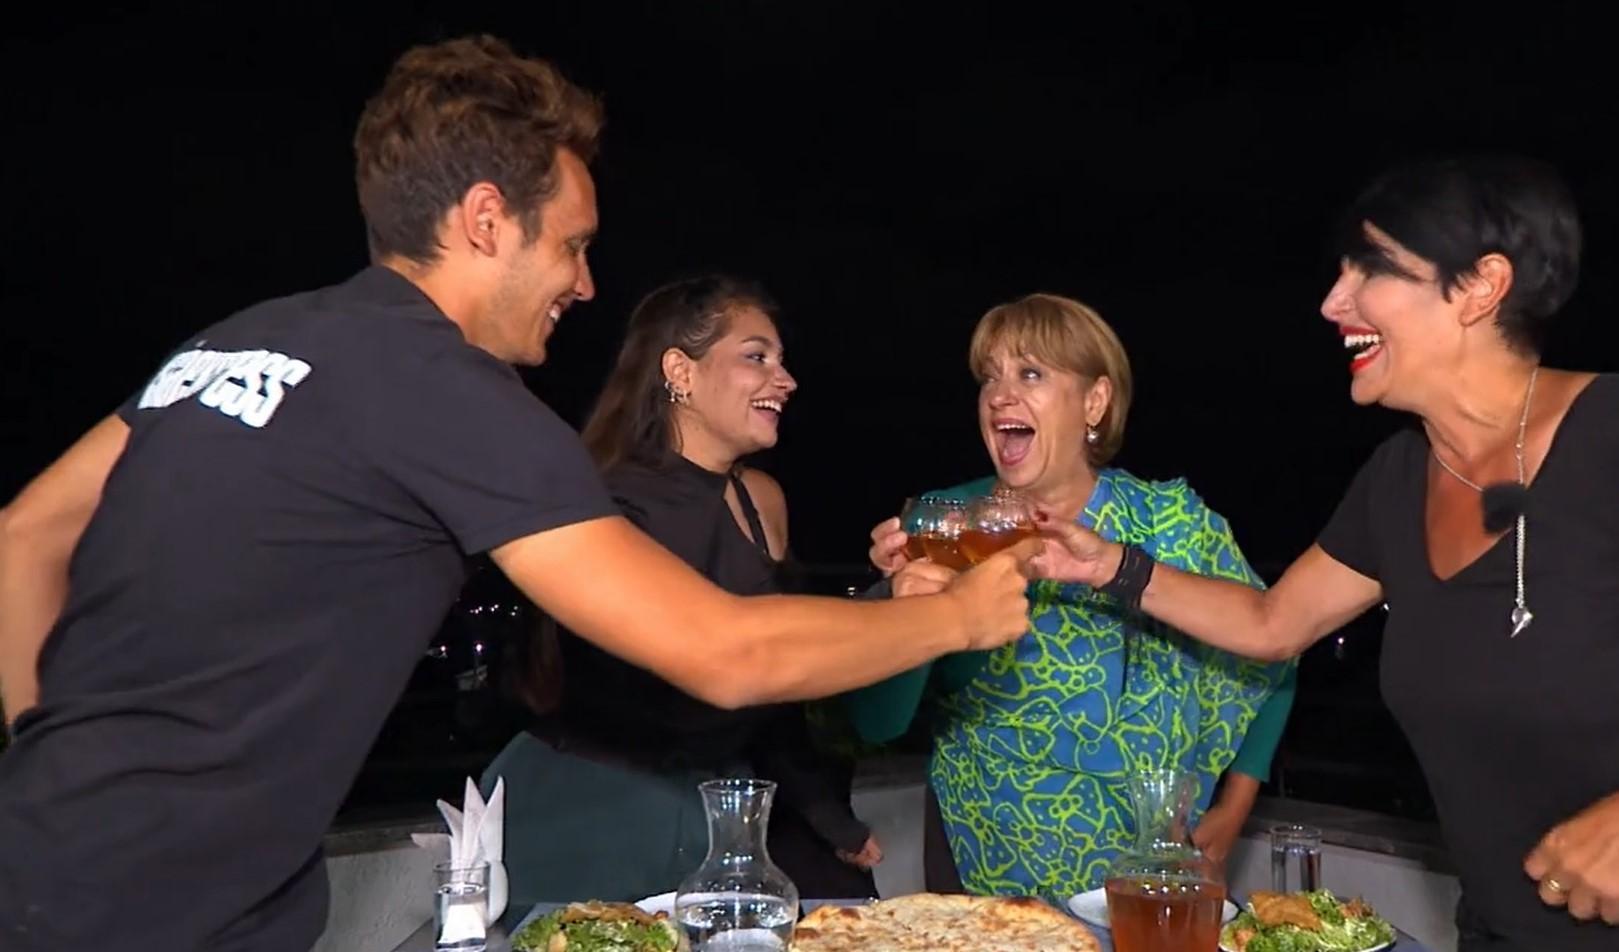 Asia Express, 26 octombrie 2021. Adriana Trandafir și Maria Speranța, întâlnire emoționantă cu Patrizia și fiul ei. Ce au povestit